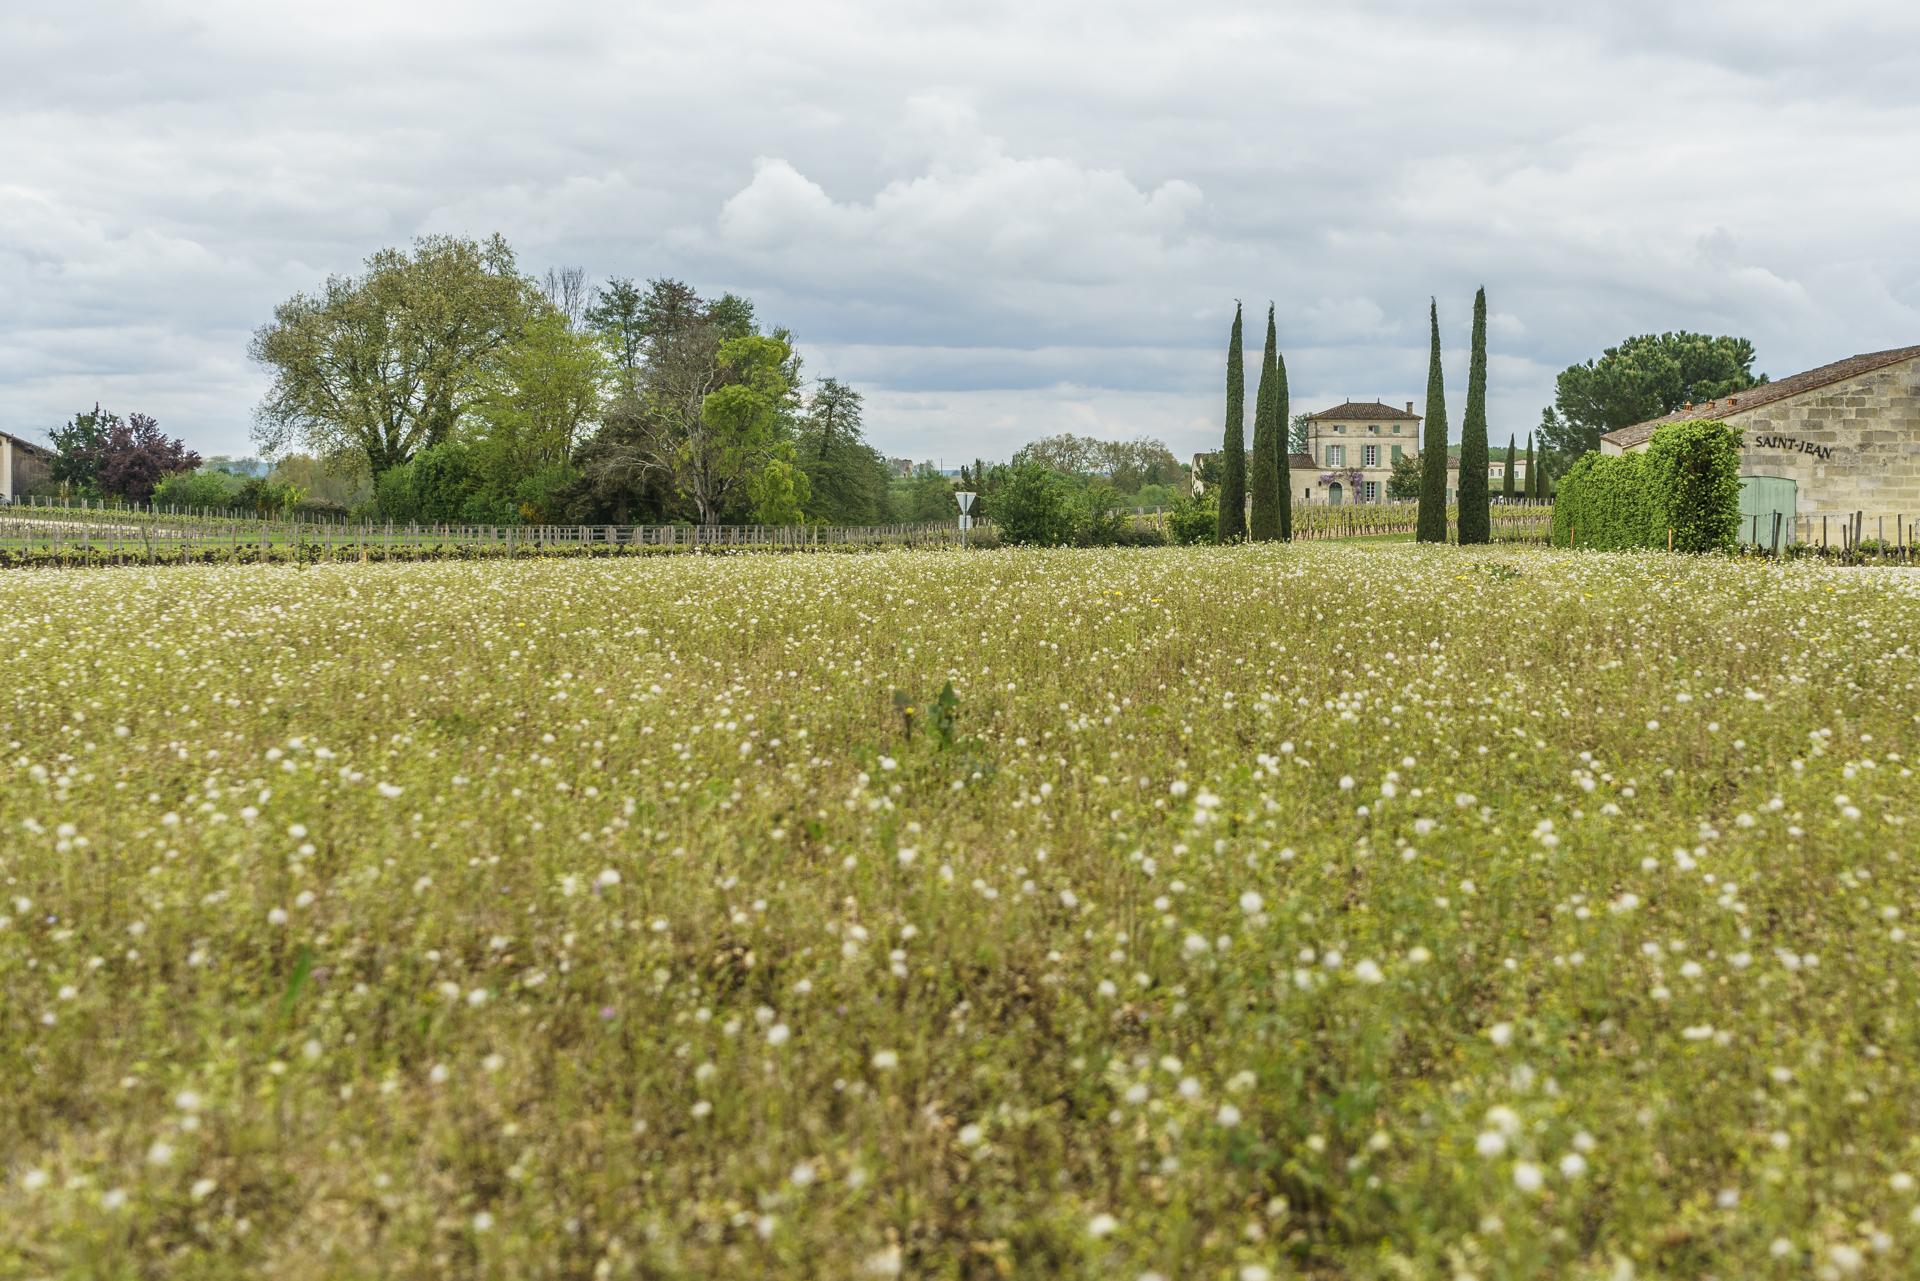 historic-vineyard-landscape-saint-Emilion